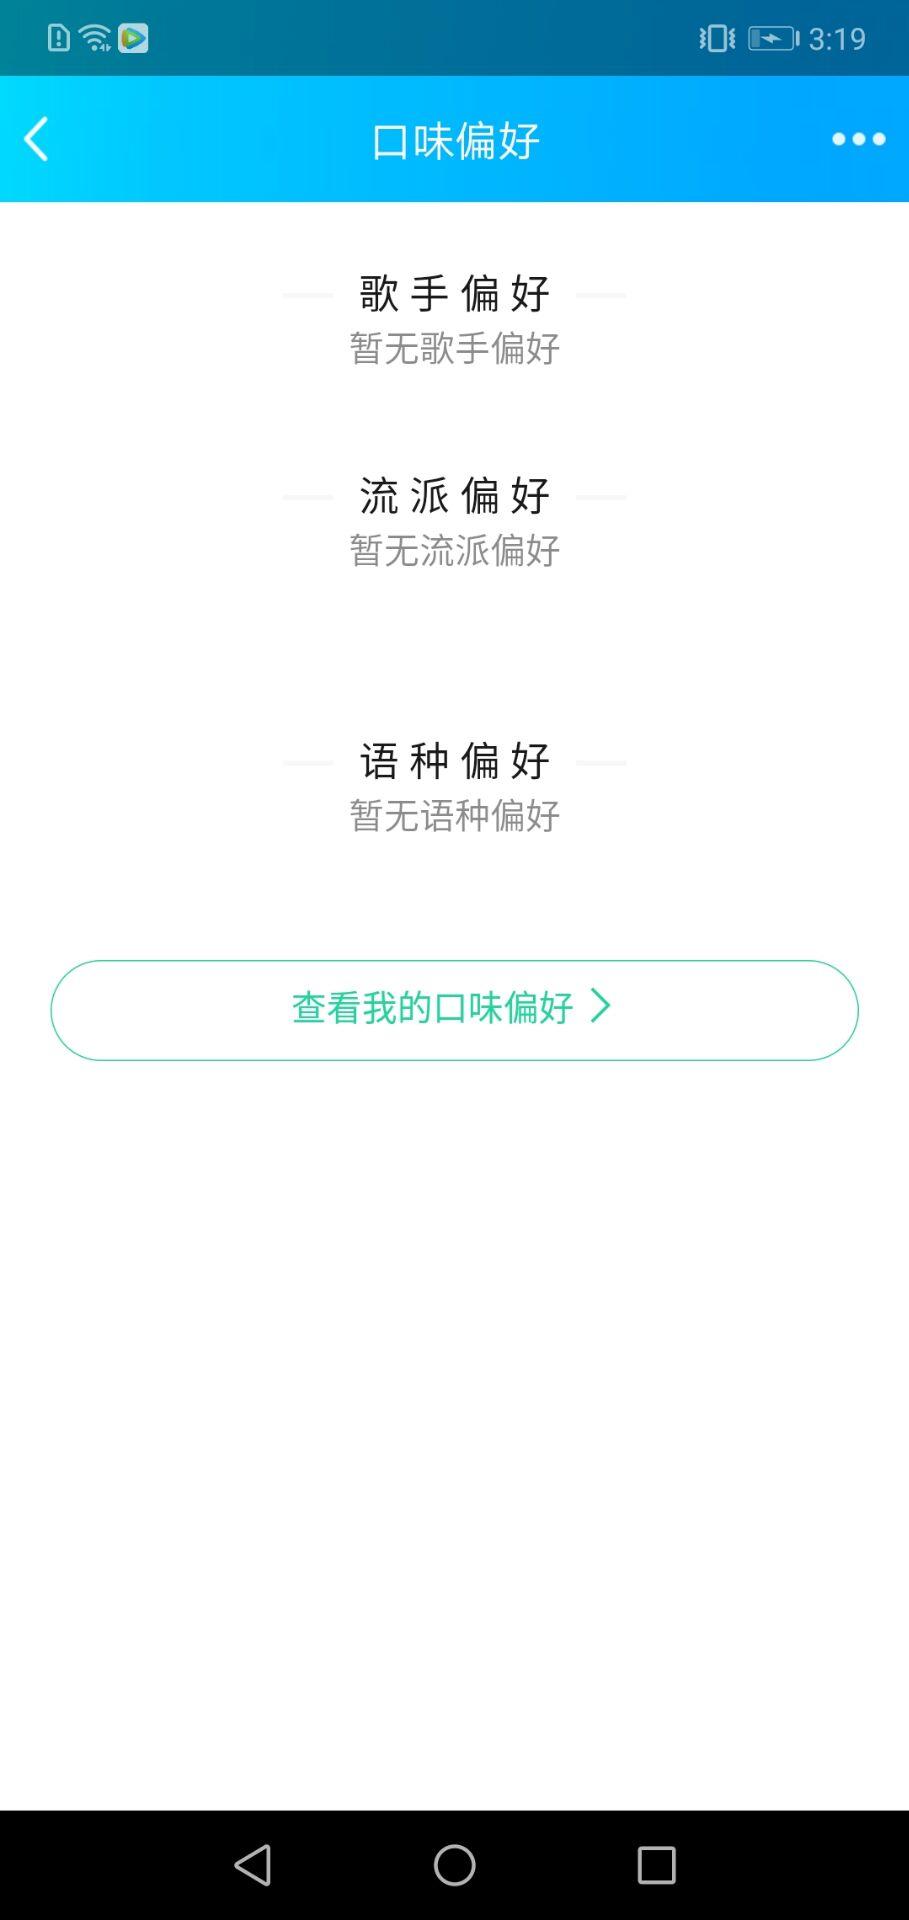 【资源分享】QQ音乐歌单-爱小助